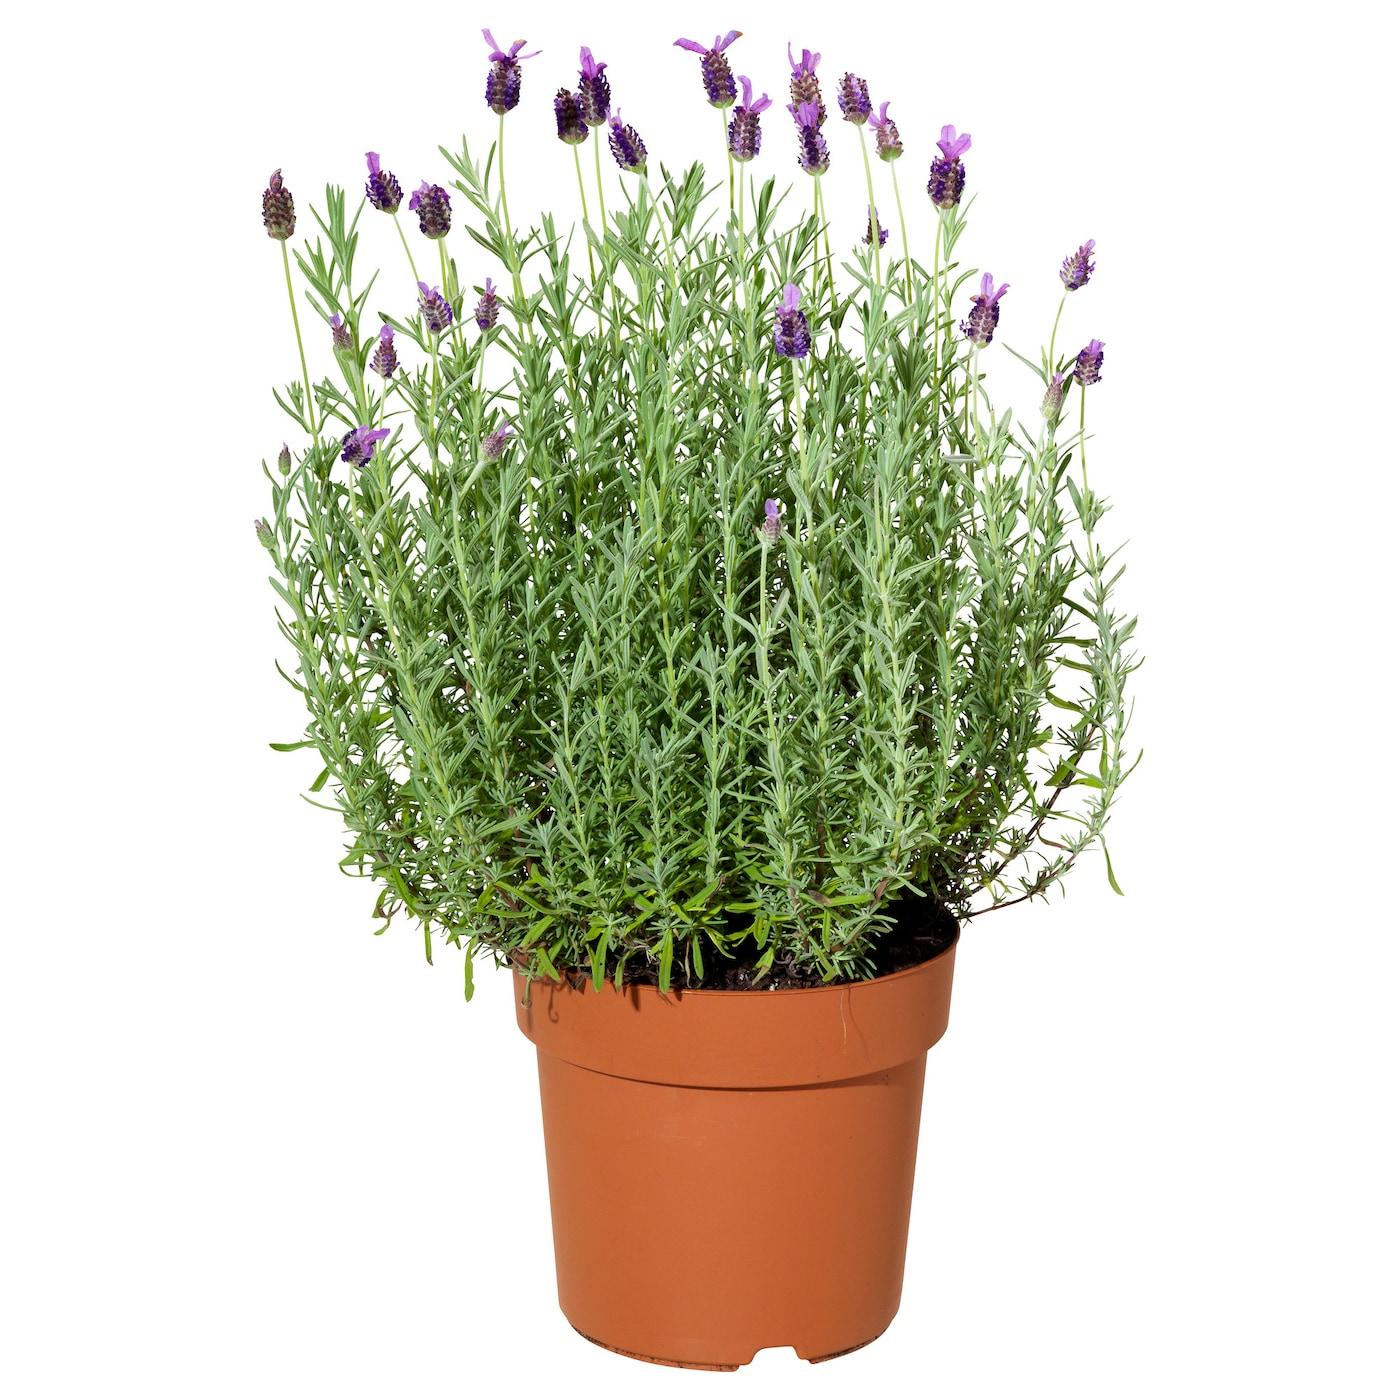 gr sl k plant pot in outdoor oval galvanised 21 cm ikea. Black Bedroom Furniture Sets. Home Design Ideas